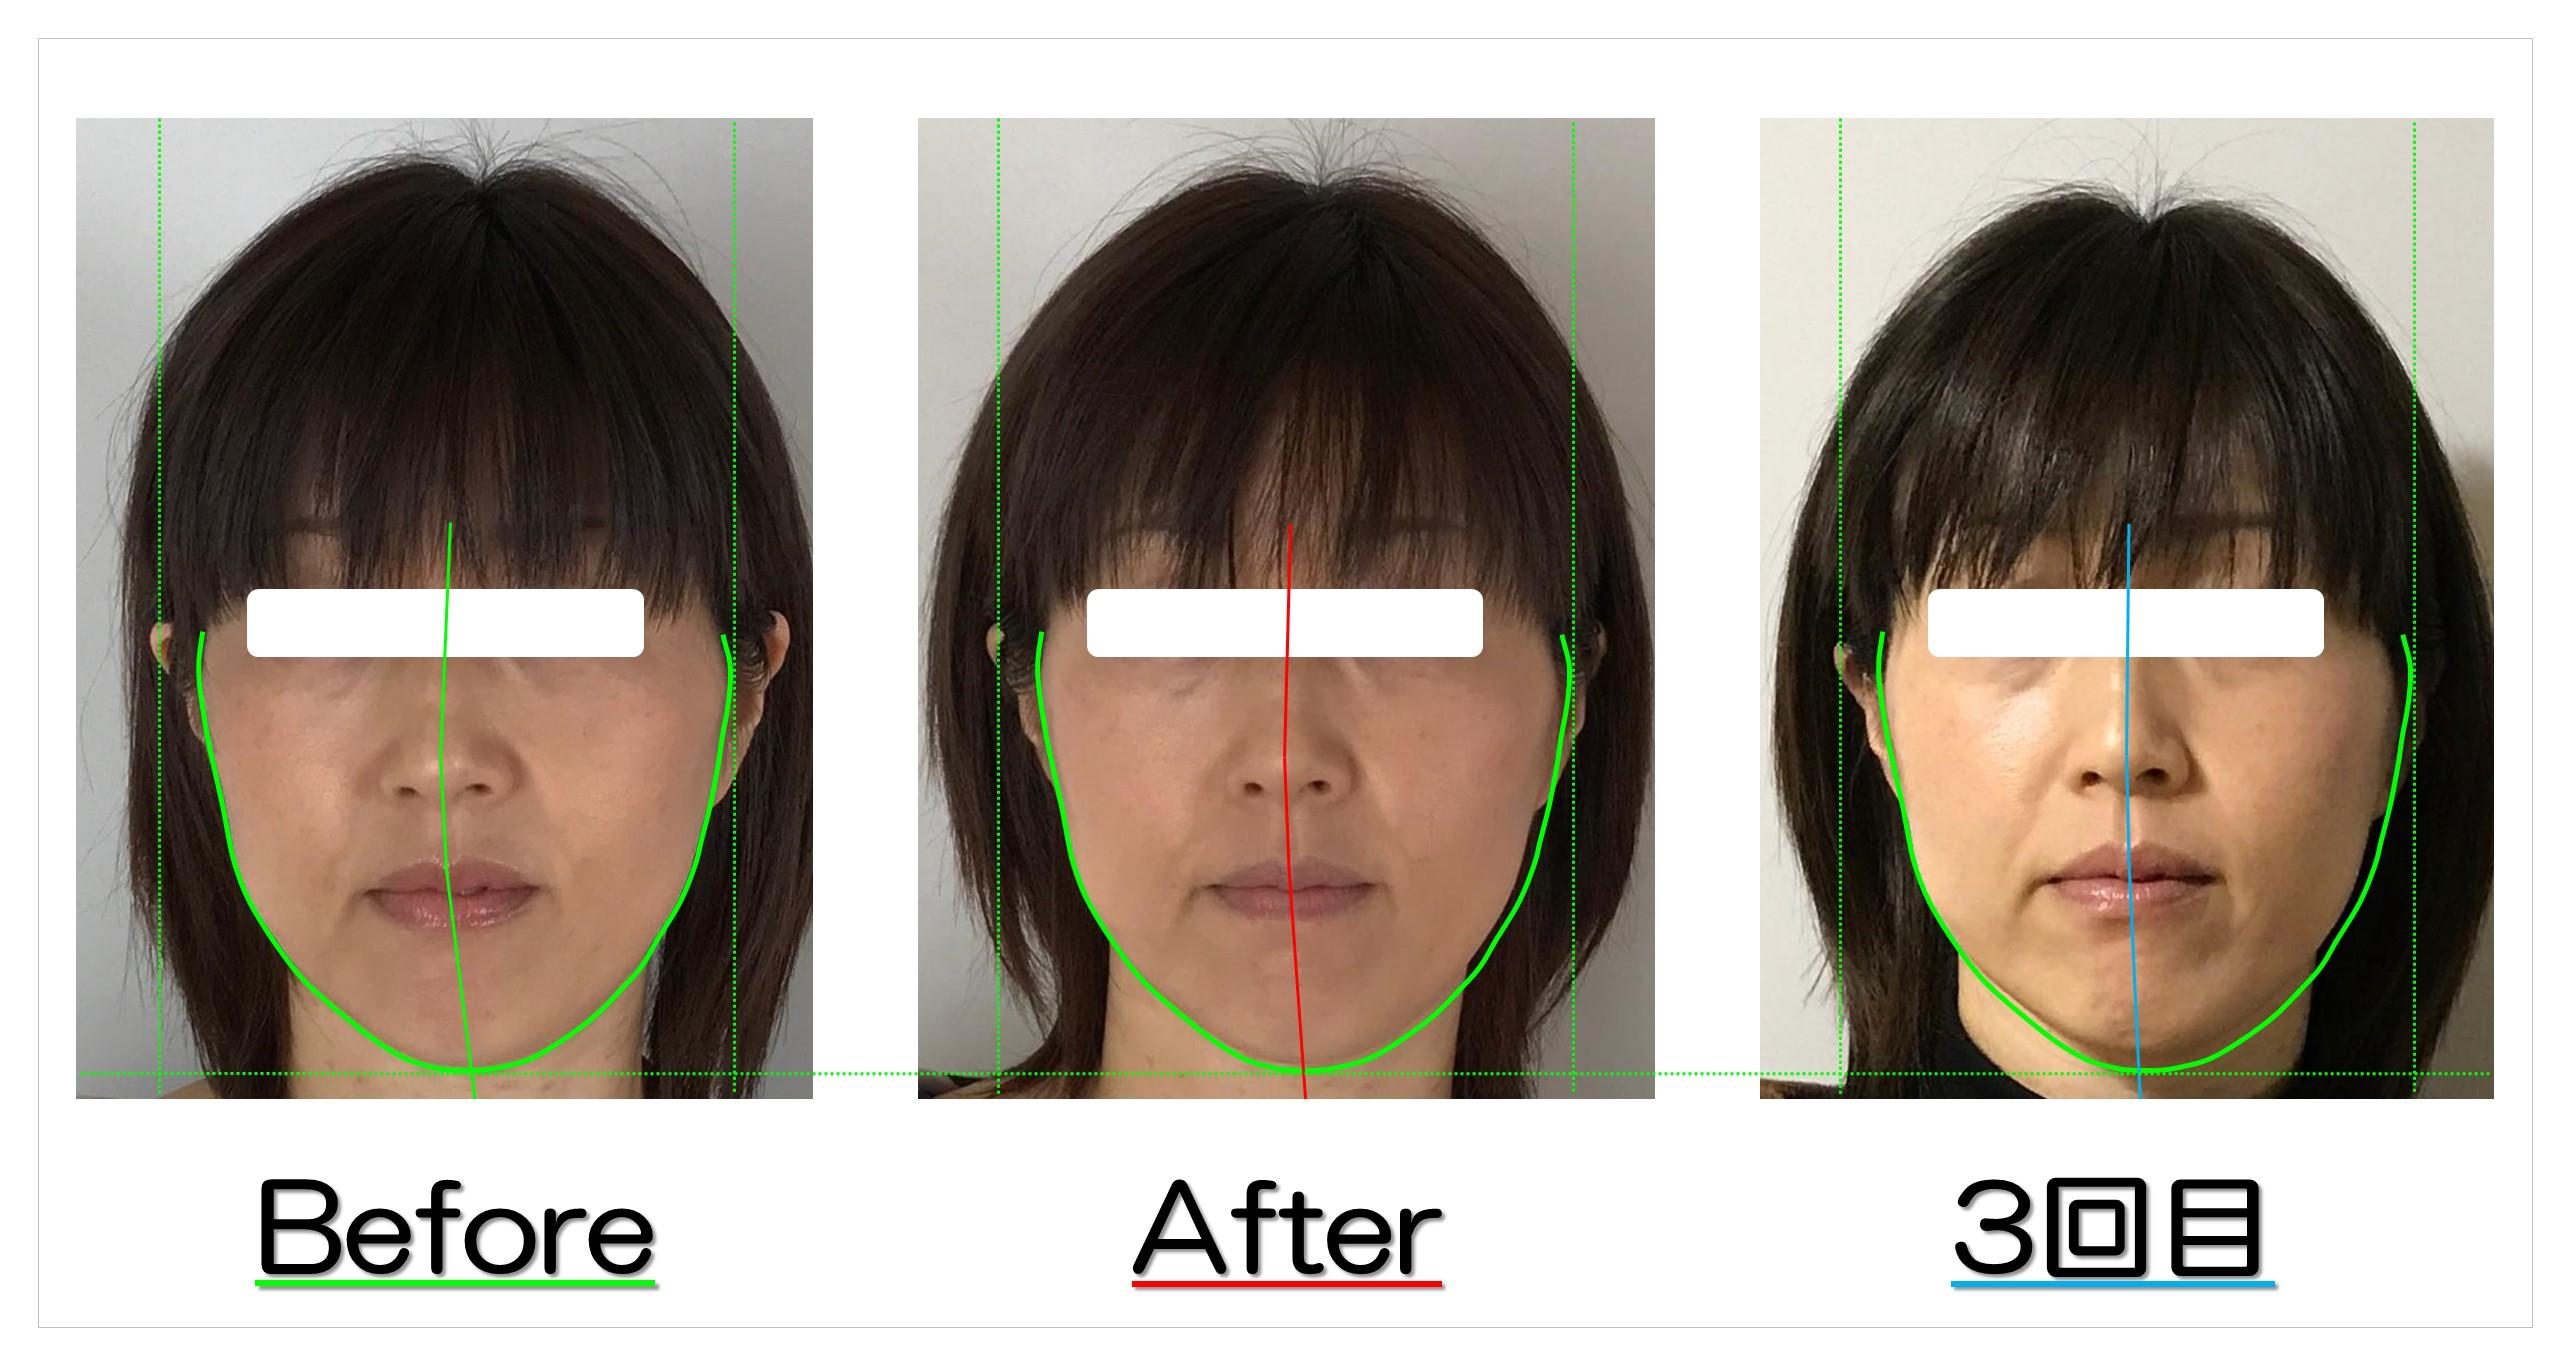 長年の顔の歪みと長さが改善! | 滋賀守山市の小顔歪み矯正